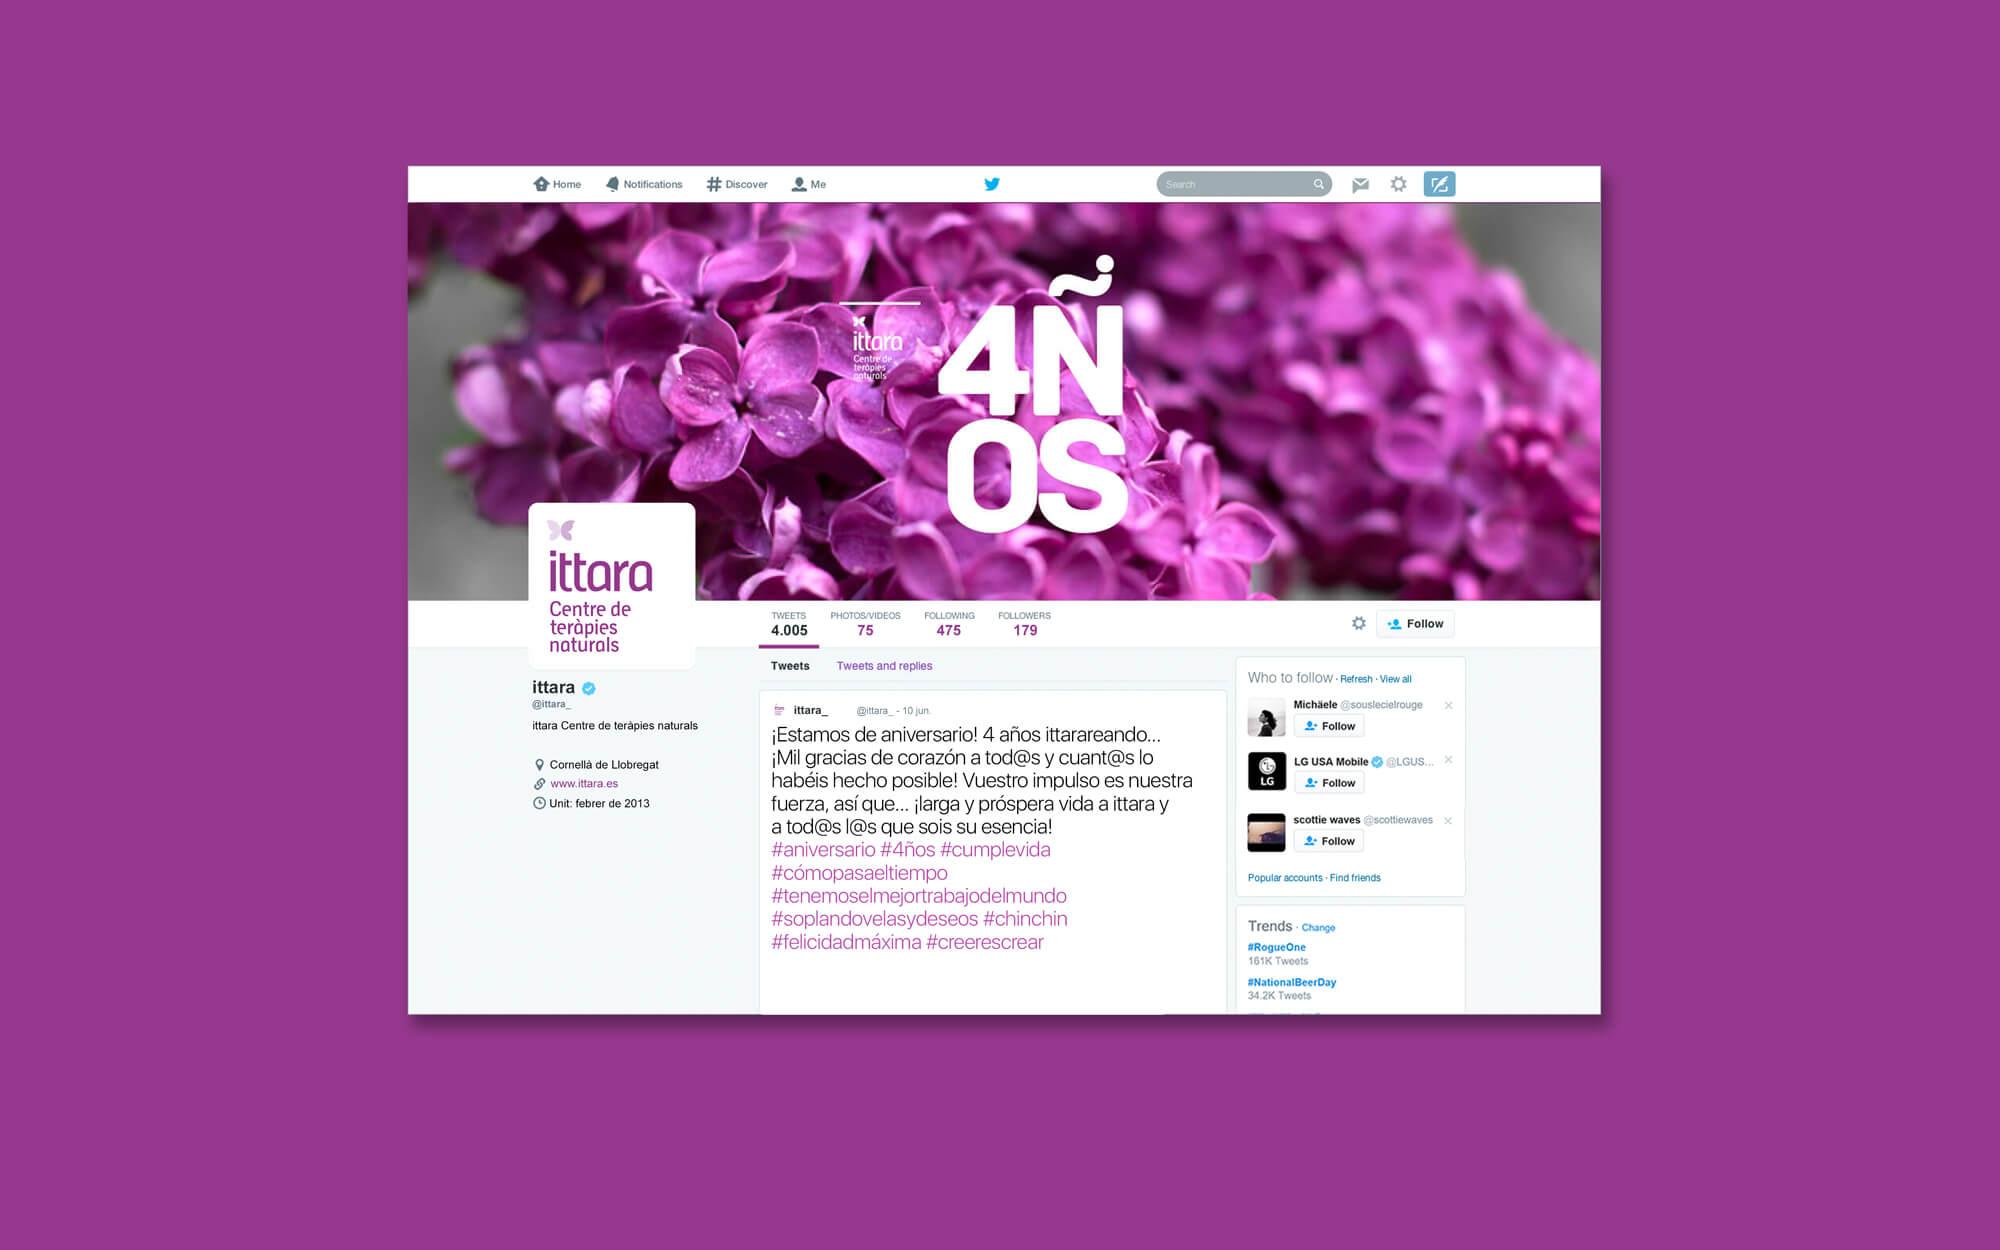 la Negreta, teràpies, teràpies naturals, Barcelona, Disseny gràfic, Xarxes Socials, Cornellà, Digital, Comunicació